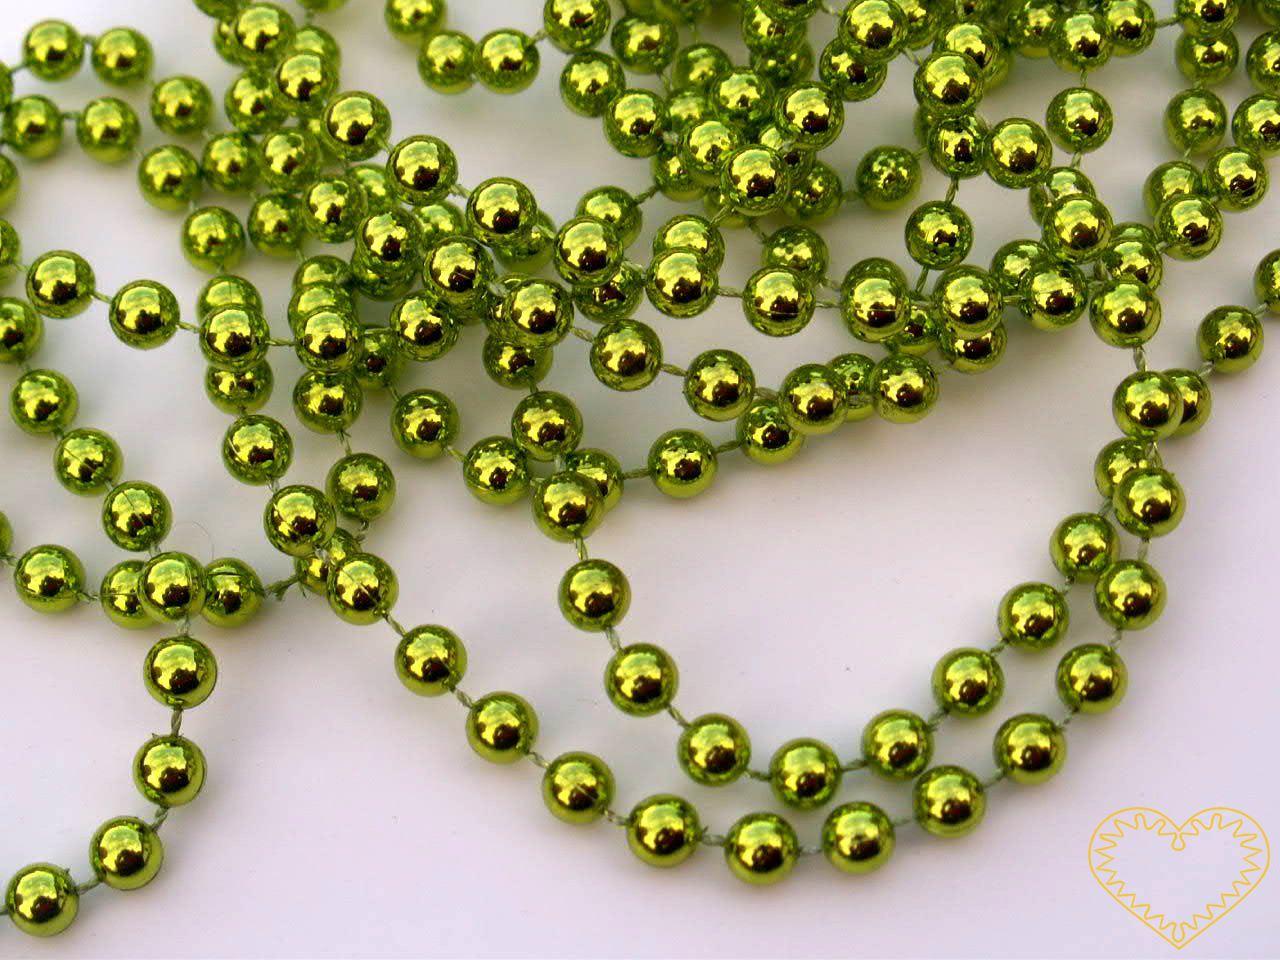 Zelené metalické perličky na šňůře - velikost korálku - Ø 6 mm. Vhodné jako součást nejrůznějších dekorací i samostatně apod. Oblíbený aranžérský materiál, lze využít i k vázání dárků a zdobení kytic. Řetěz se nepáře, lze jej snadno stříhat.